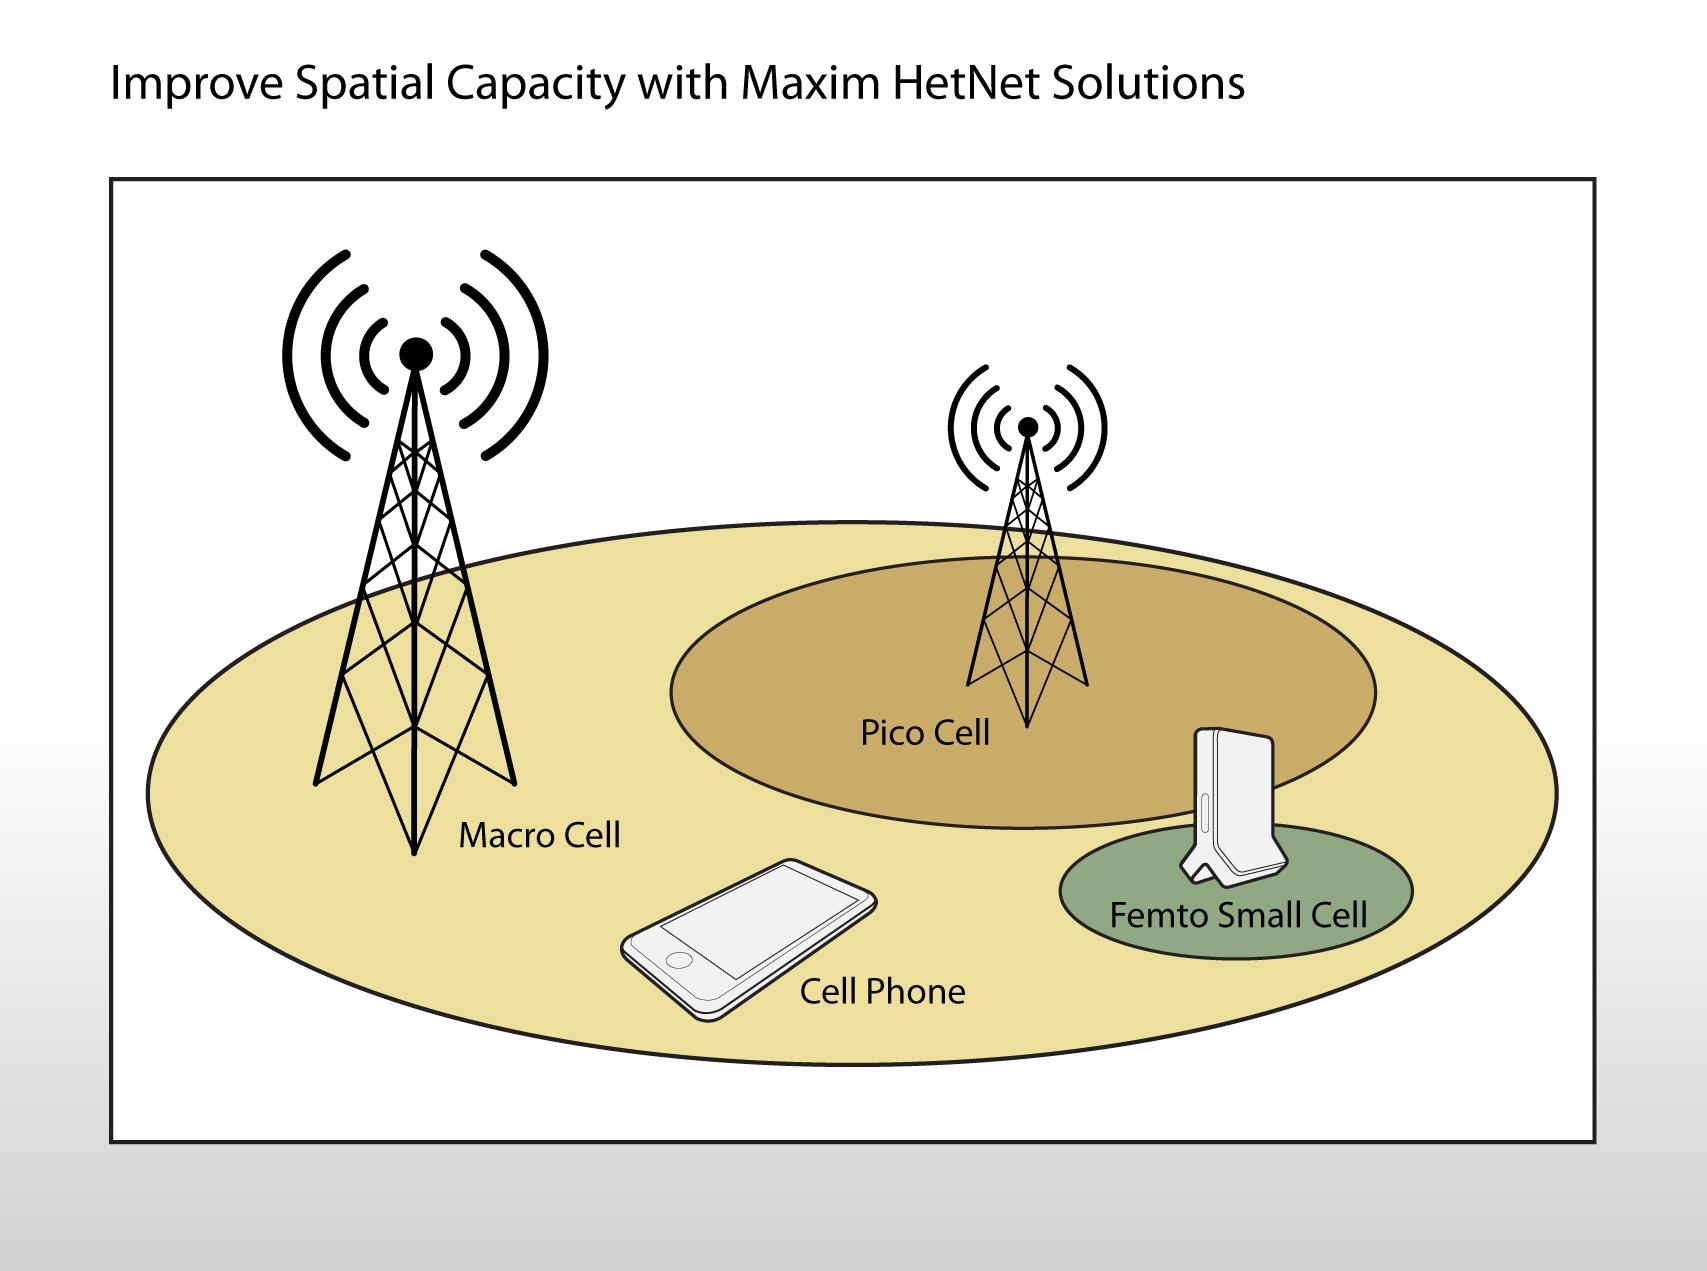 向异构网络演进,而后者则需要一系列不同的模拟和混合信号基站方案